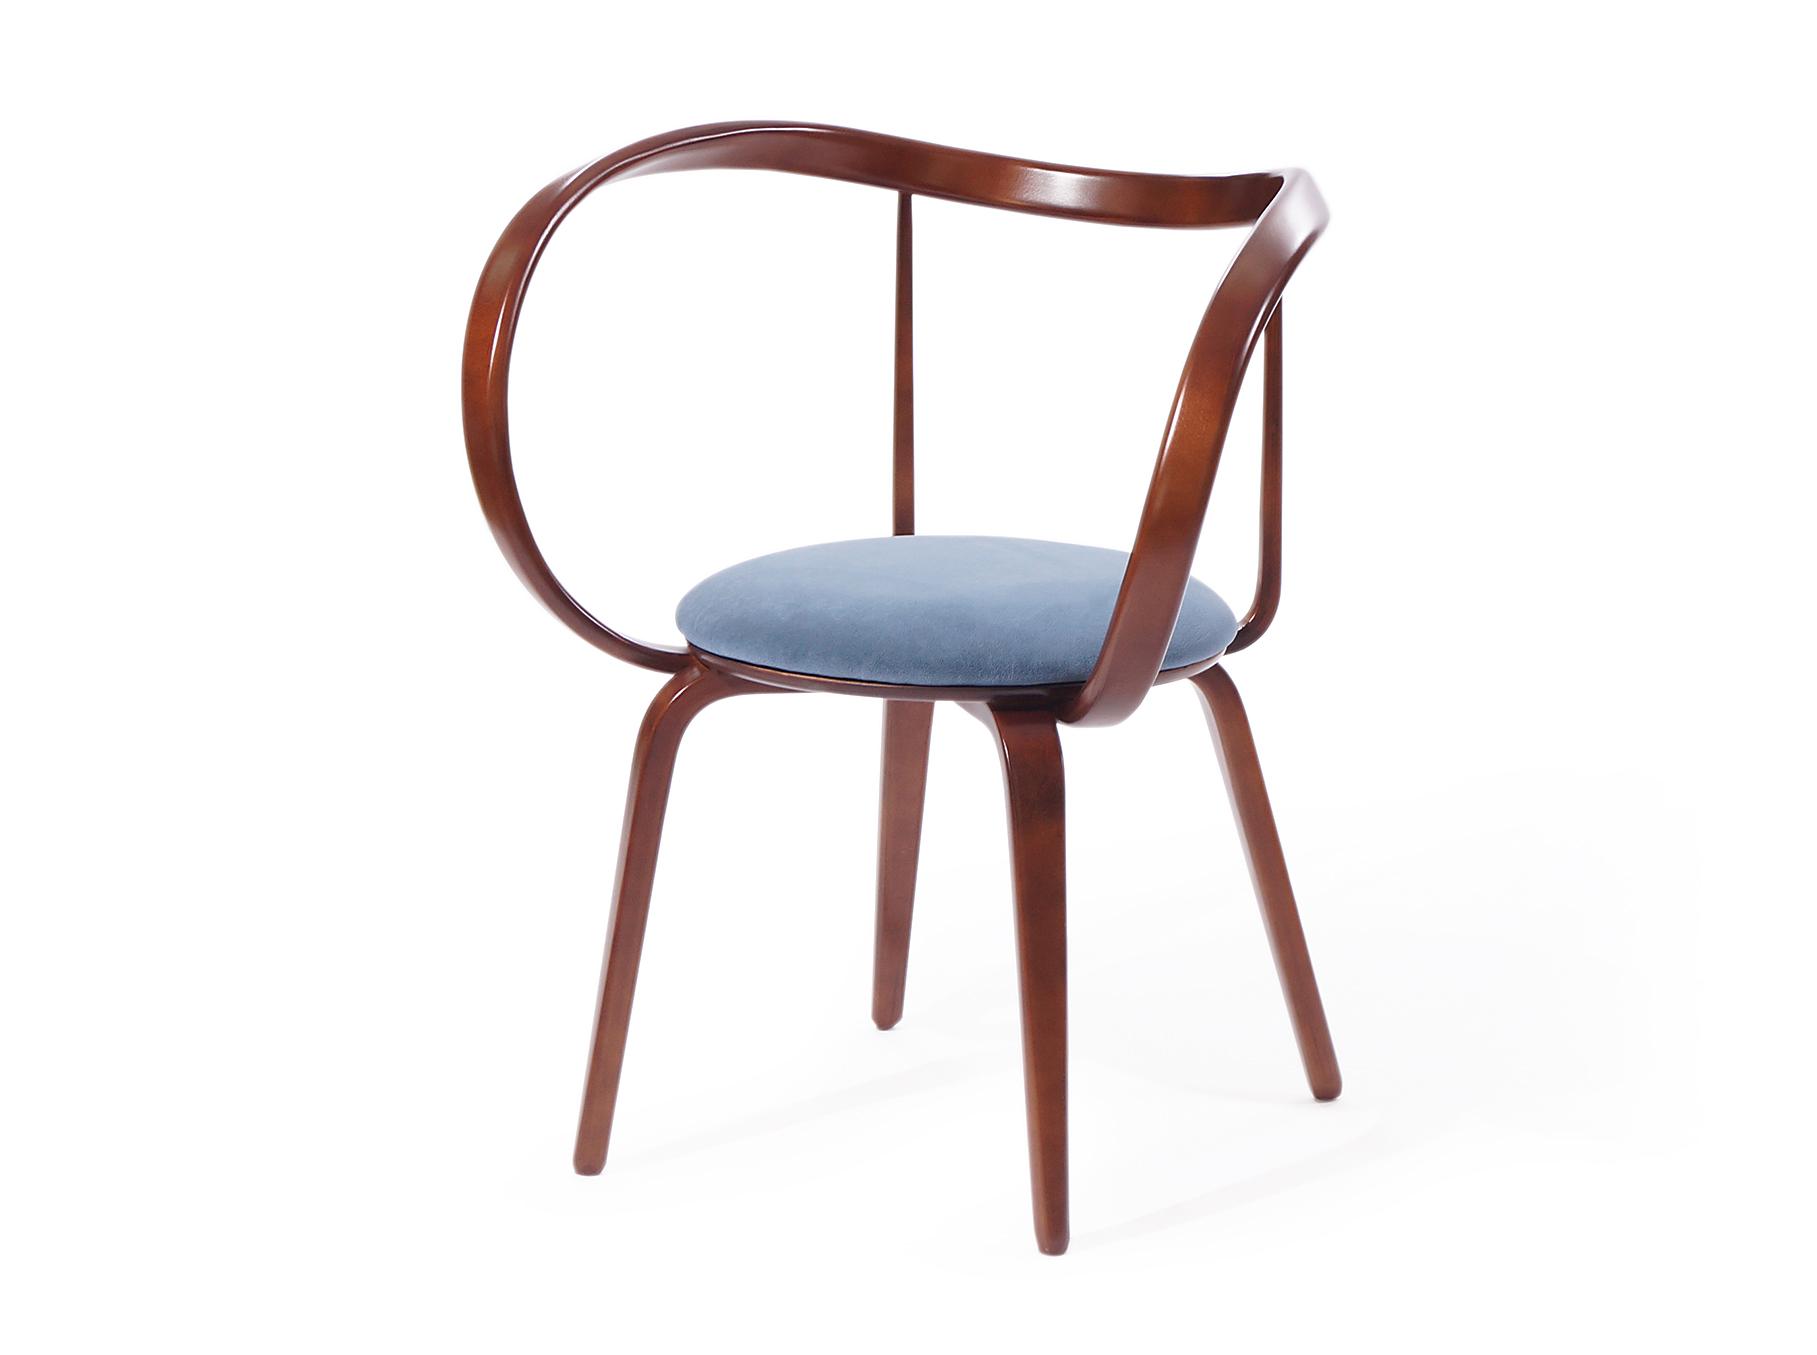 """Стул """"Apriori XL""""Обеденные стулья<br>Альтернативная модель стула авторской работы коллекции Apriori с подлокотниками изготовлена из высококачественных материалов и является образцом оригинального дизайна.<br>Этот стул будет прекрасно сочетаться с моделями из коллекции, а также и с имеющимися в Вашем интерьере предметами. Изящные формы придают ему ощущение лёгкости, что делает его особенно желанным предметом.<br><br>Material: Дерево<br>Ширина см: 73<br>Высота см: 83<br>Глубина см: 53"""